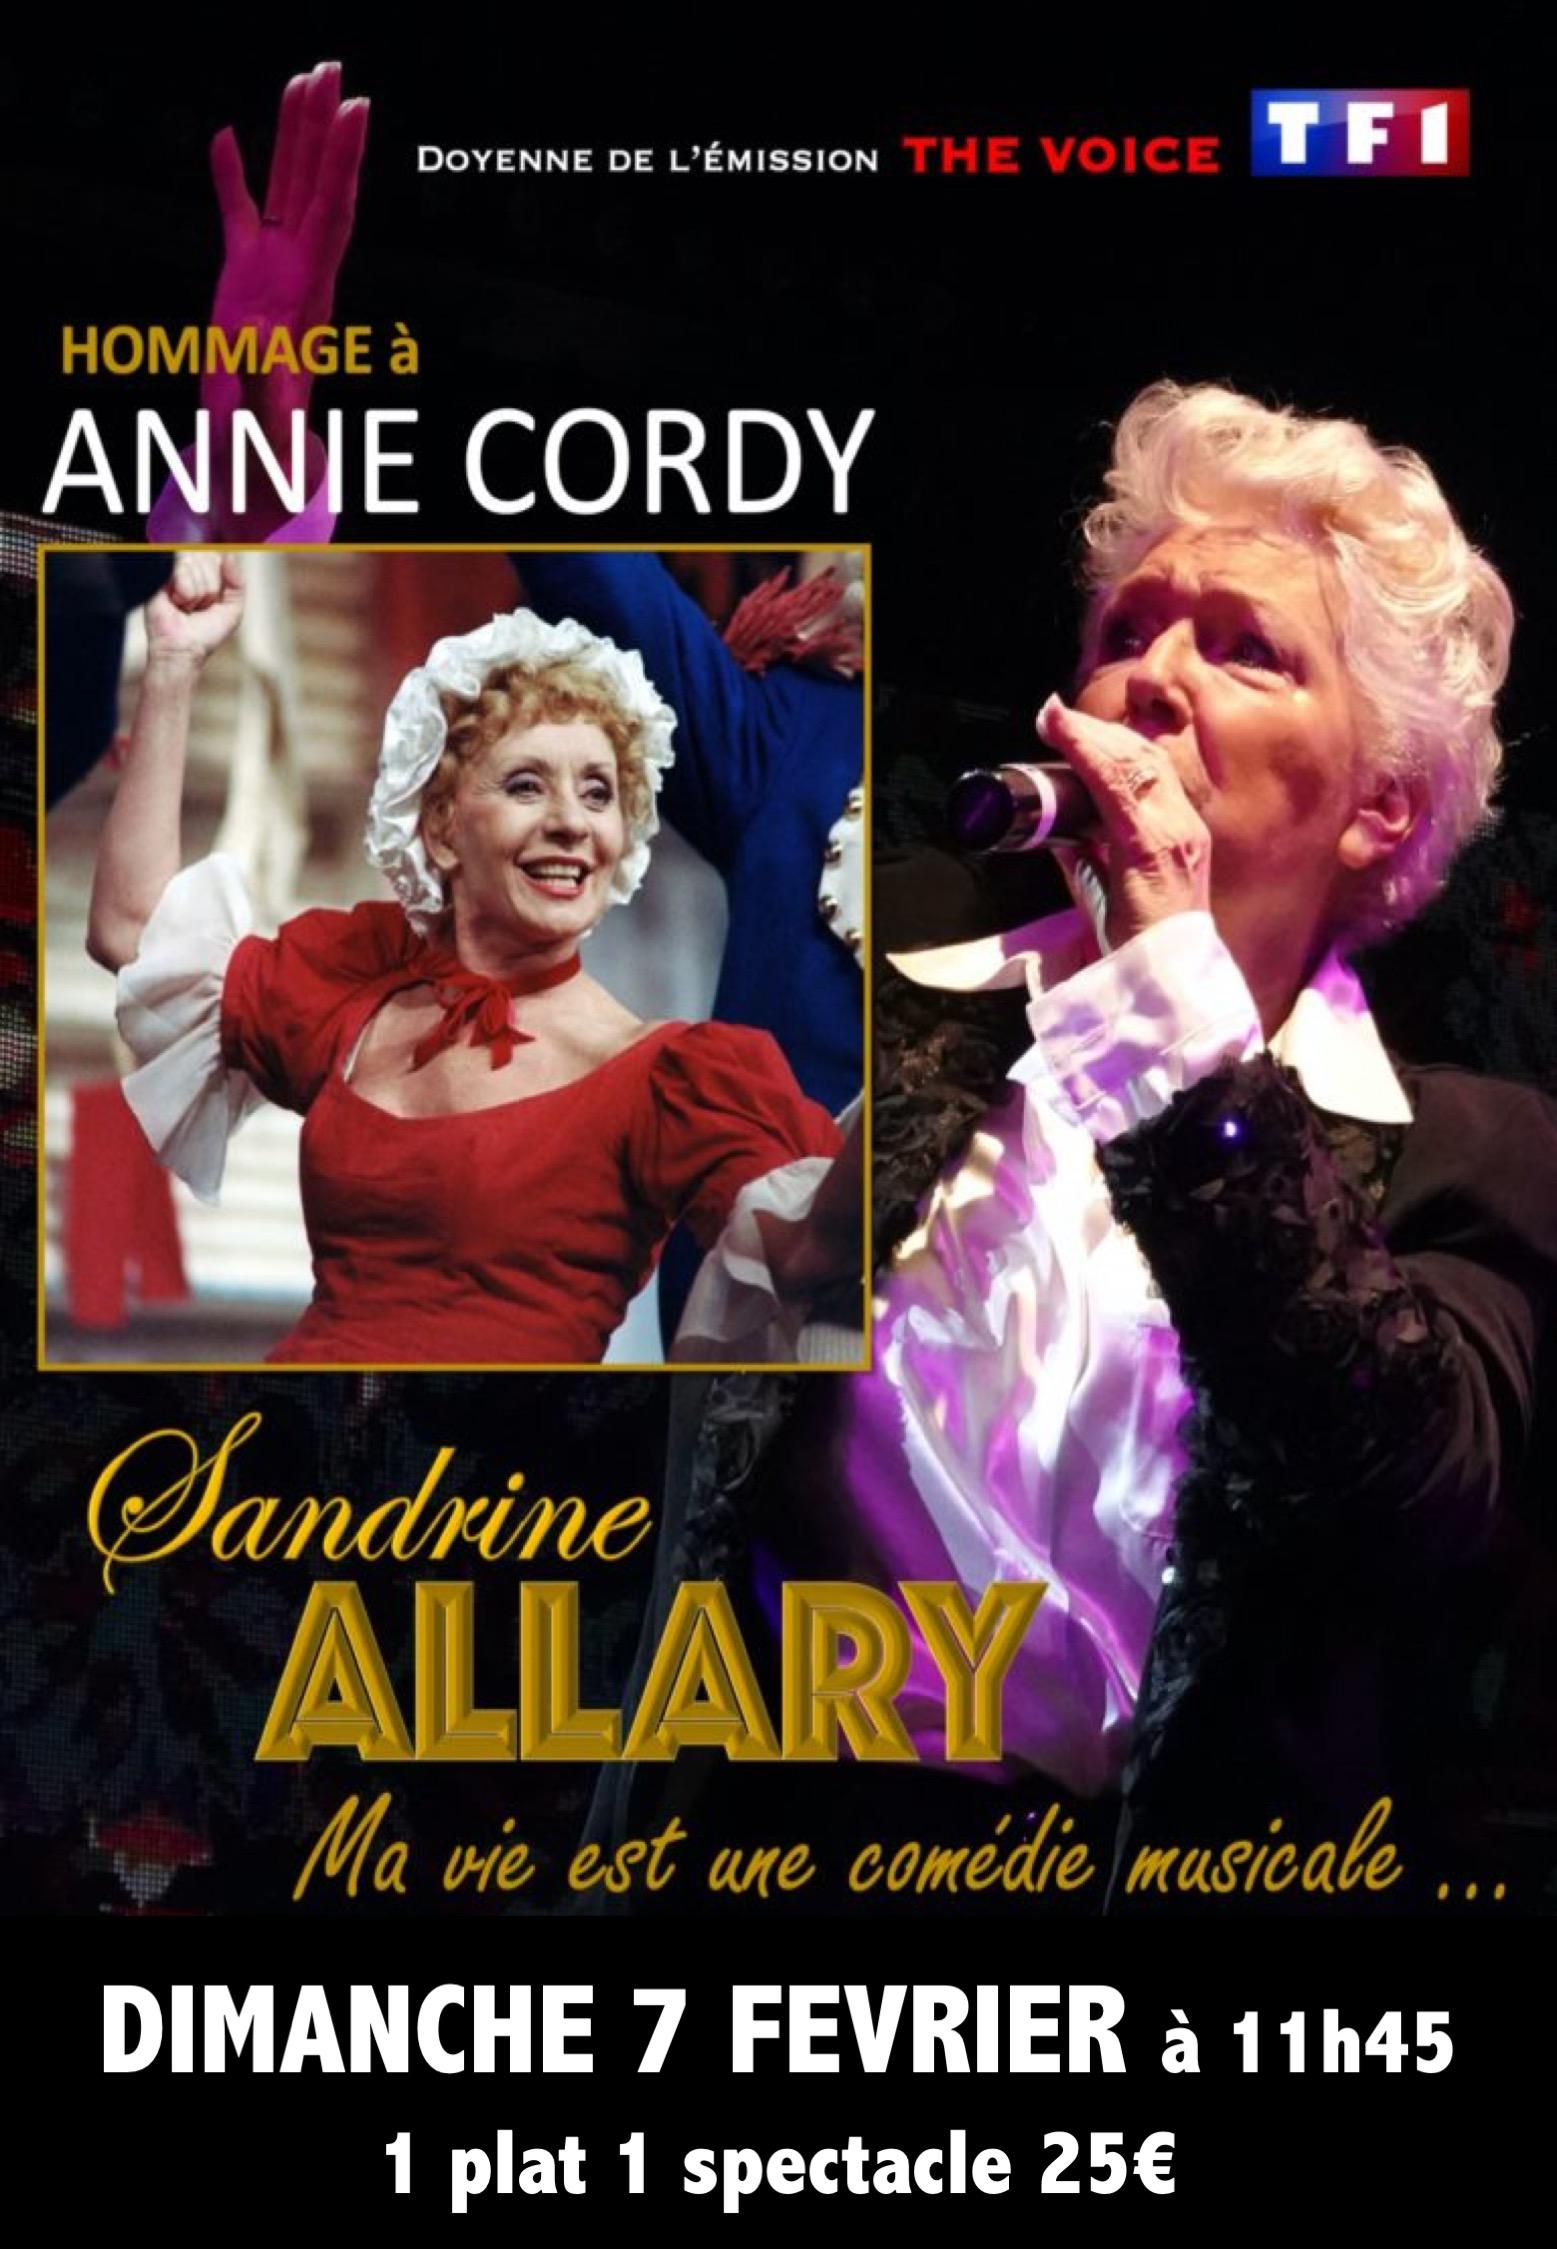 AFFICHE ANNIE CORDY